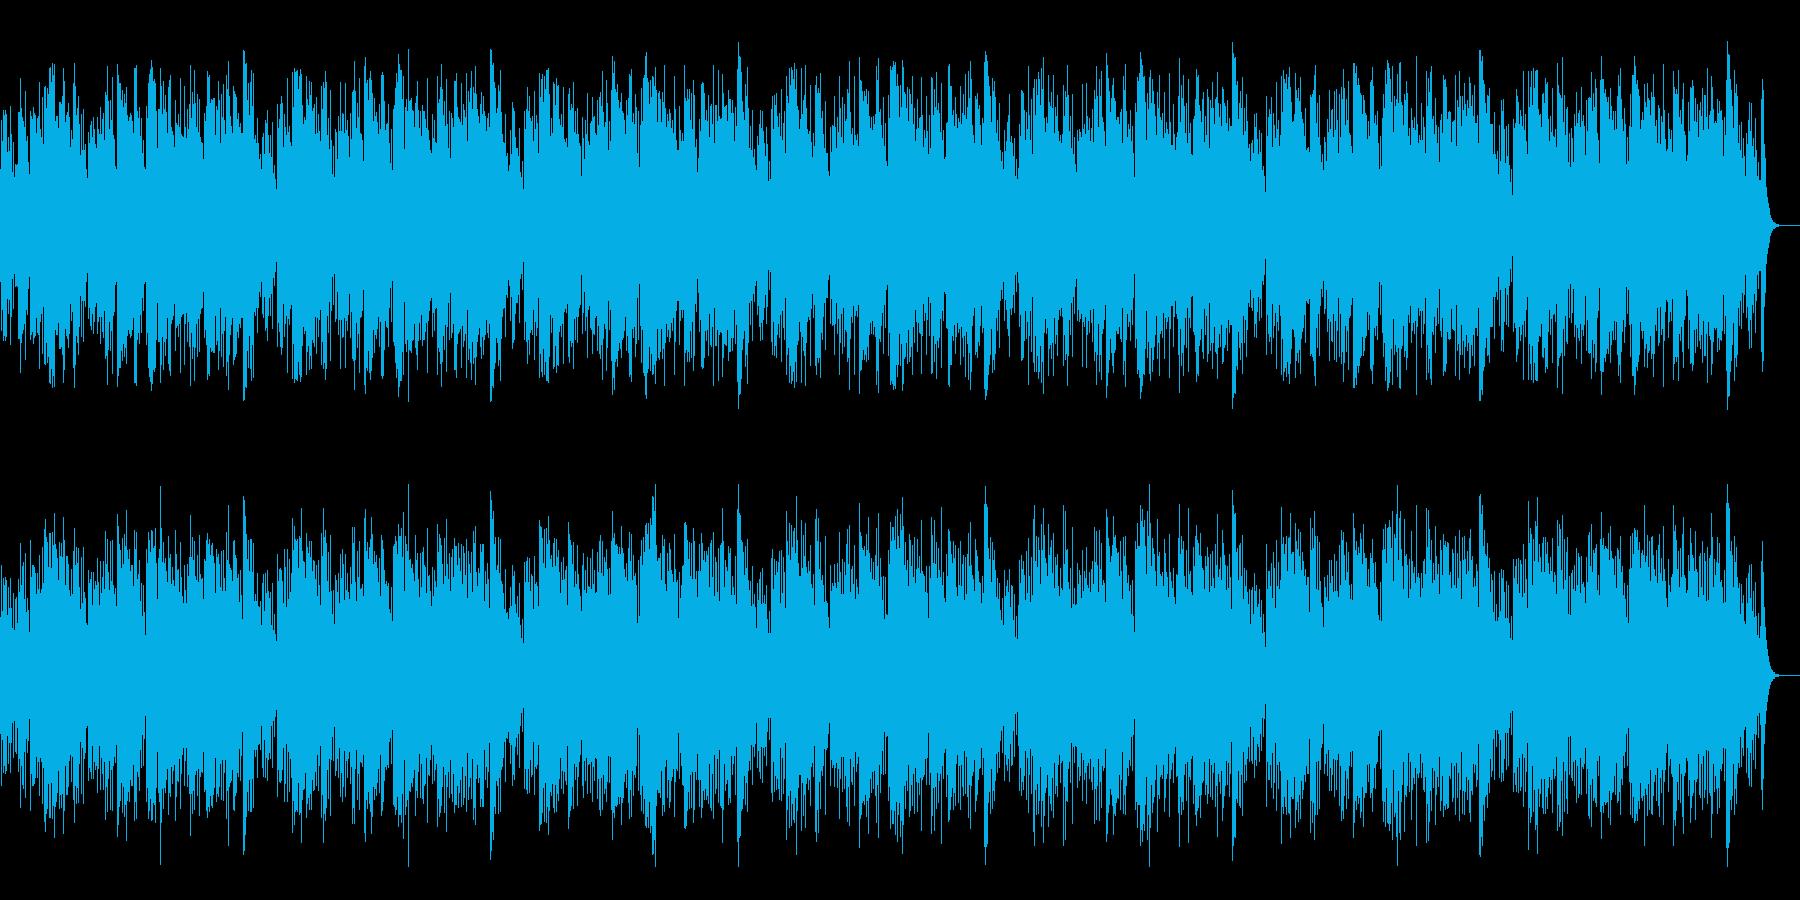 アコギとハーモニカによる「ふるさと」の再生済みの波形